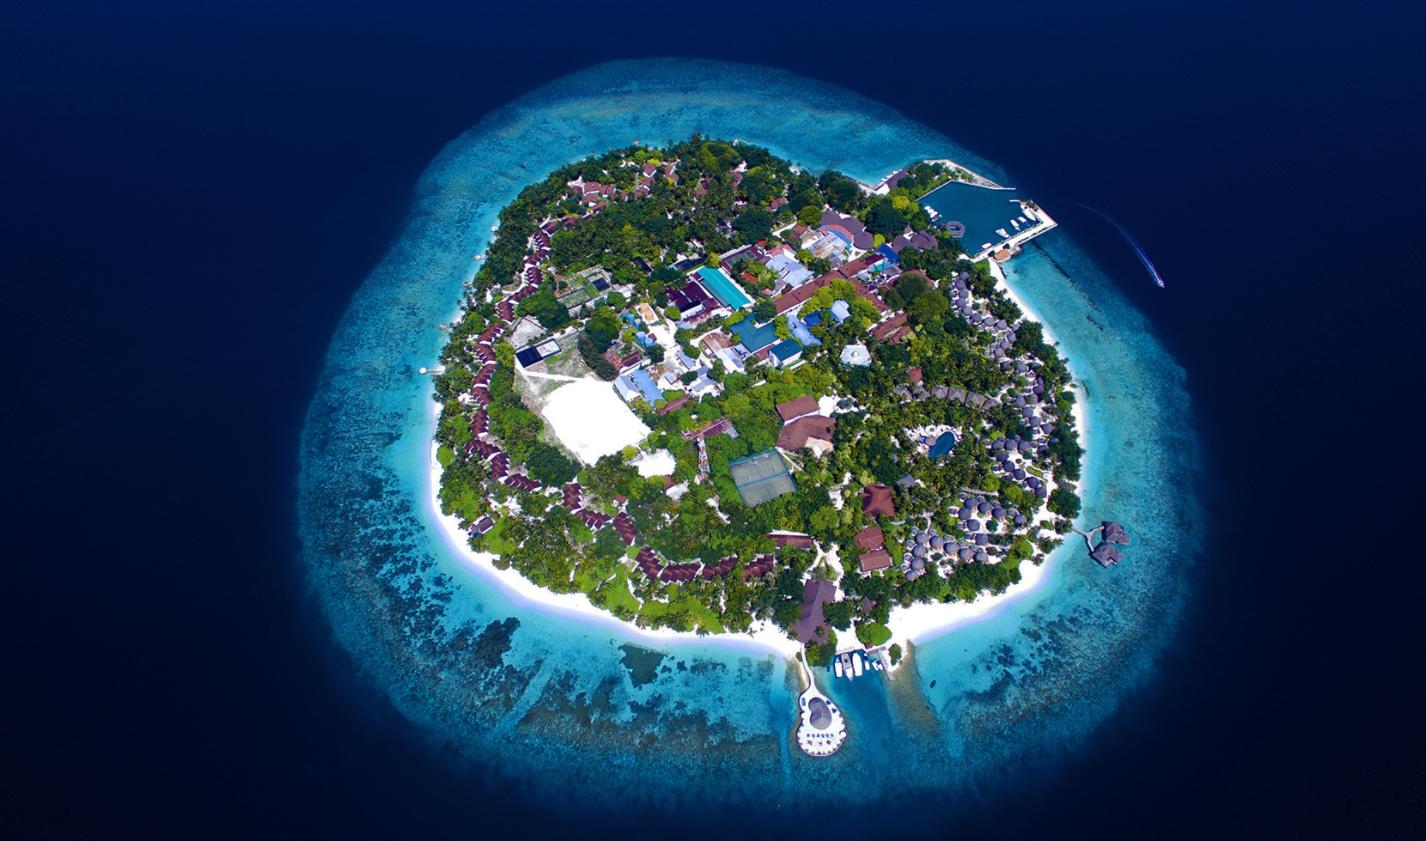 班度士岛|班多士 Bandos islands 鸟瞰地图birdview map清晰版 马尔代夫